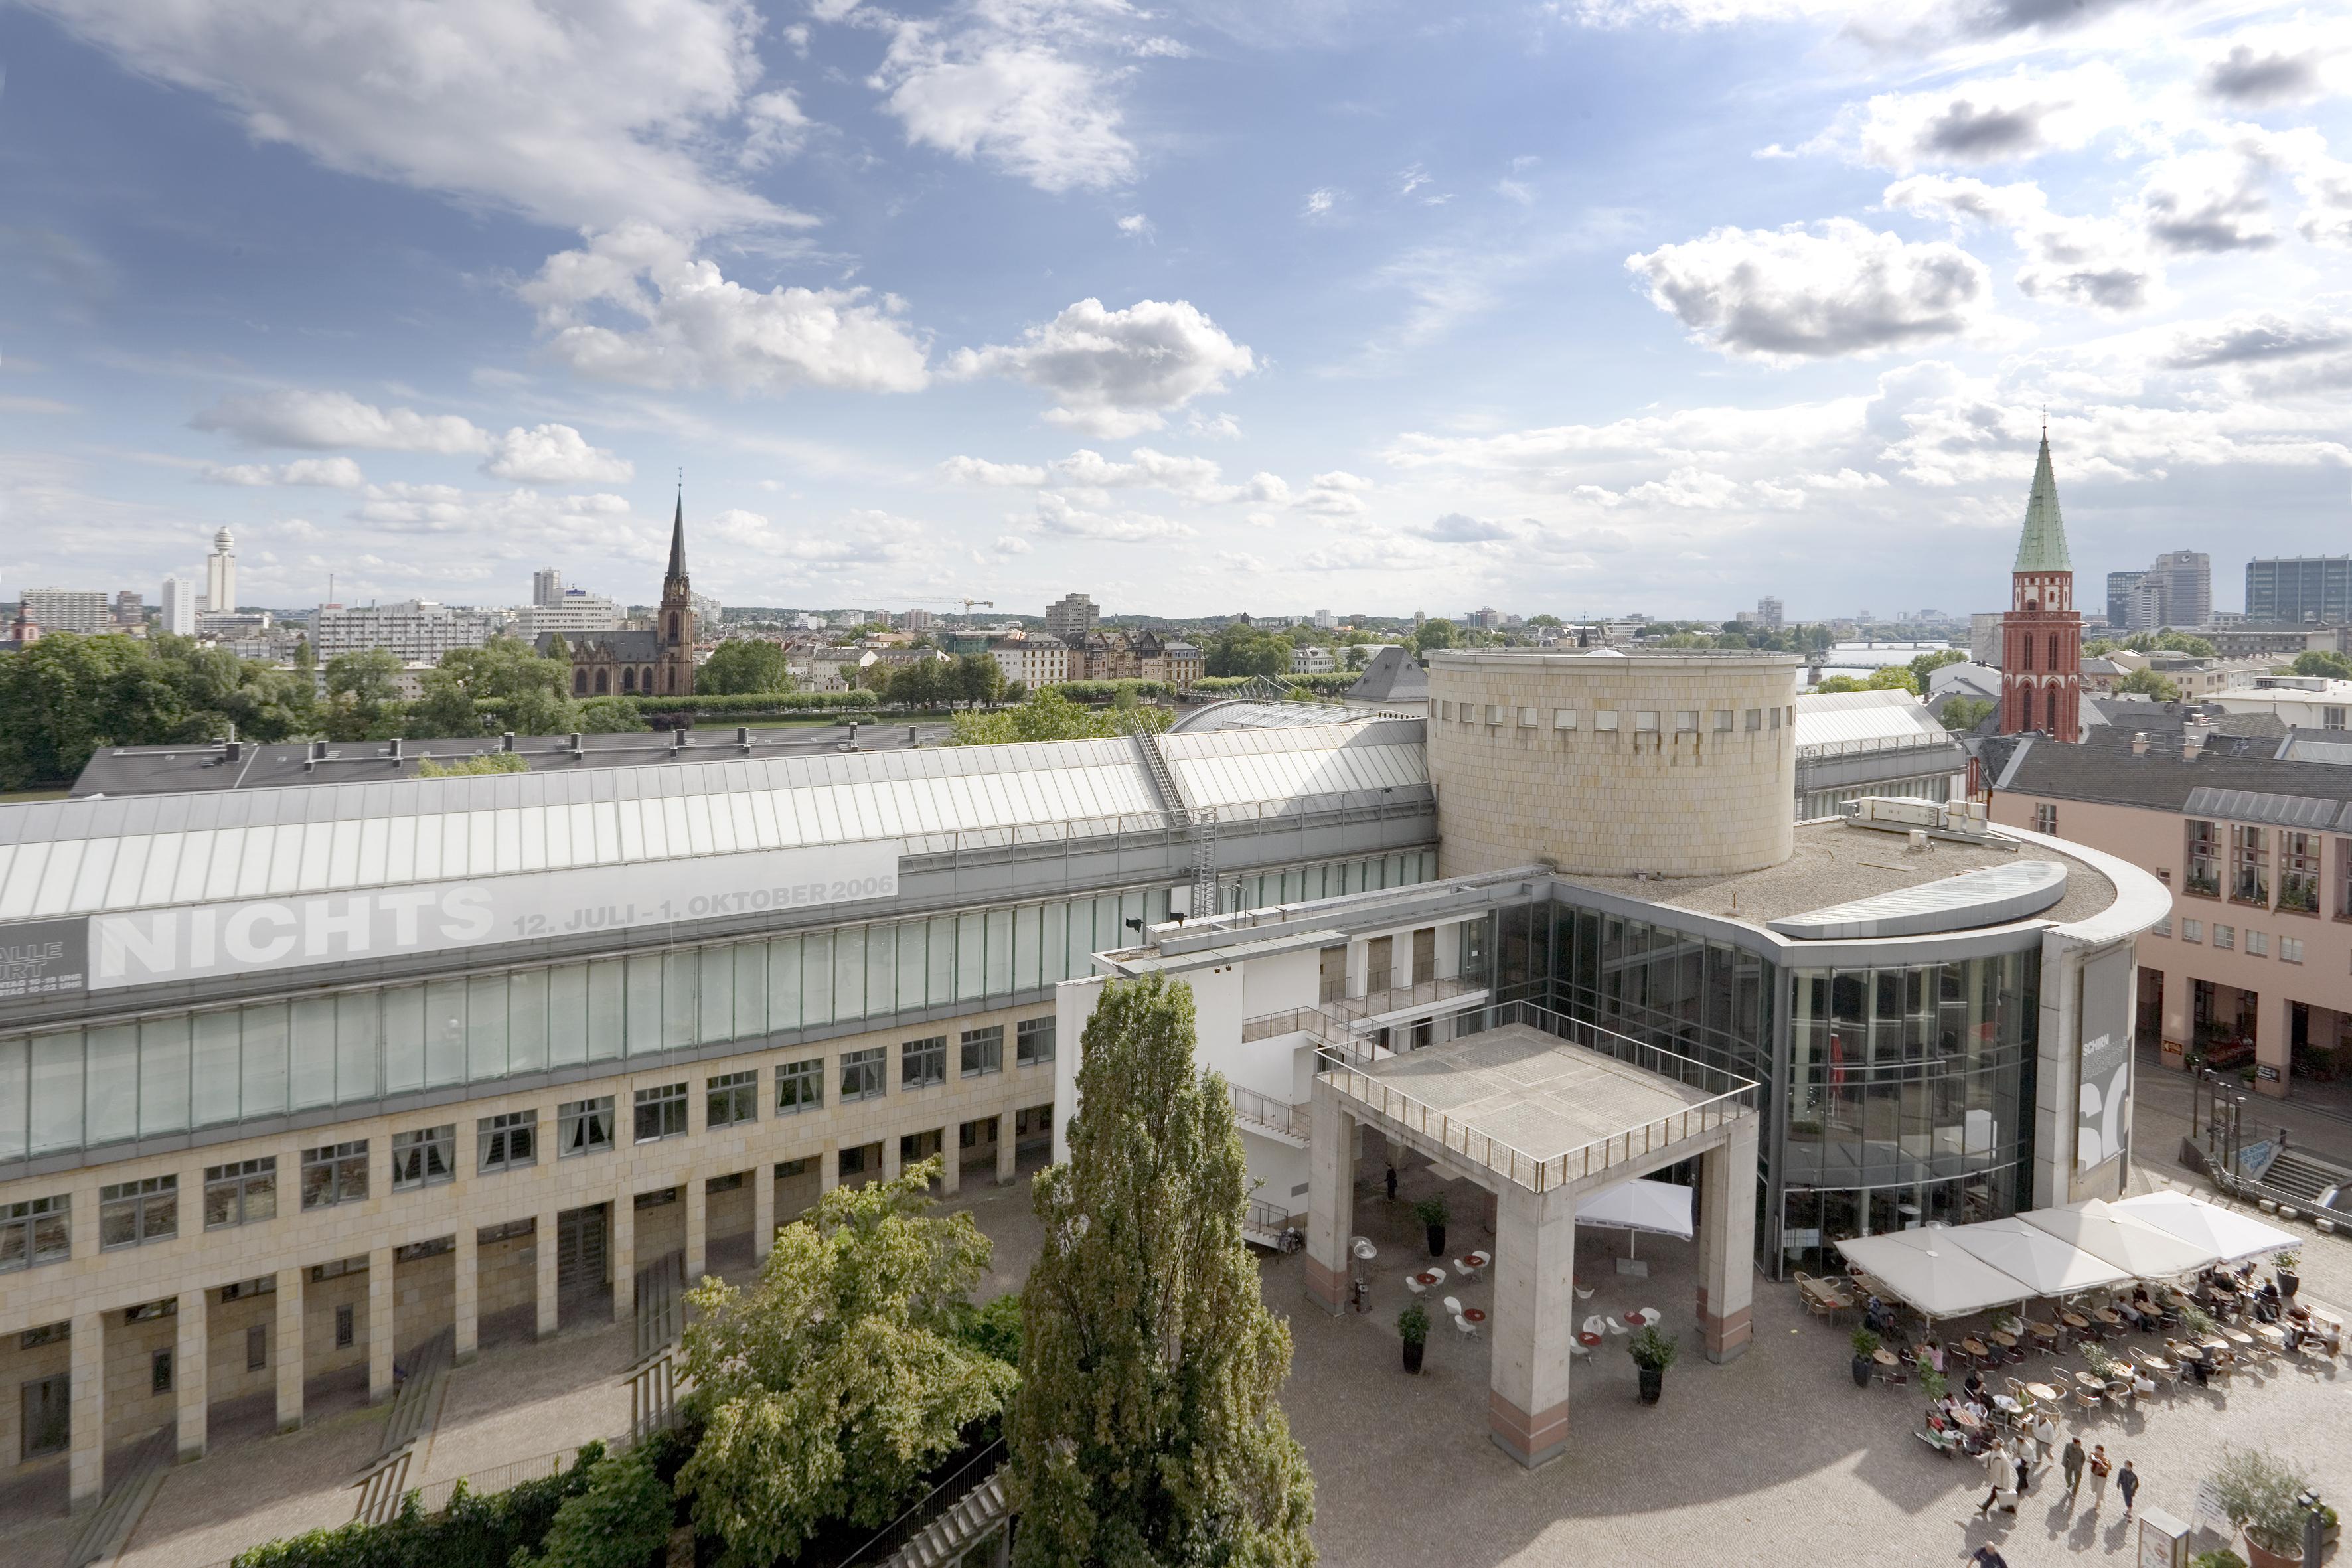 schirn kunsthalle frankfurt in frankfurt am main. Black Bedroom Furniture Sets. Home Design Ideas